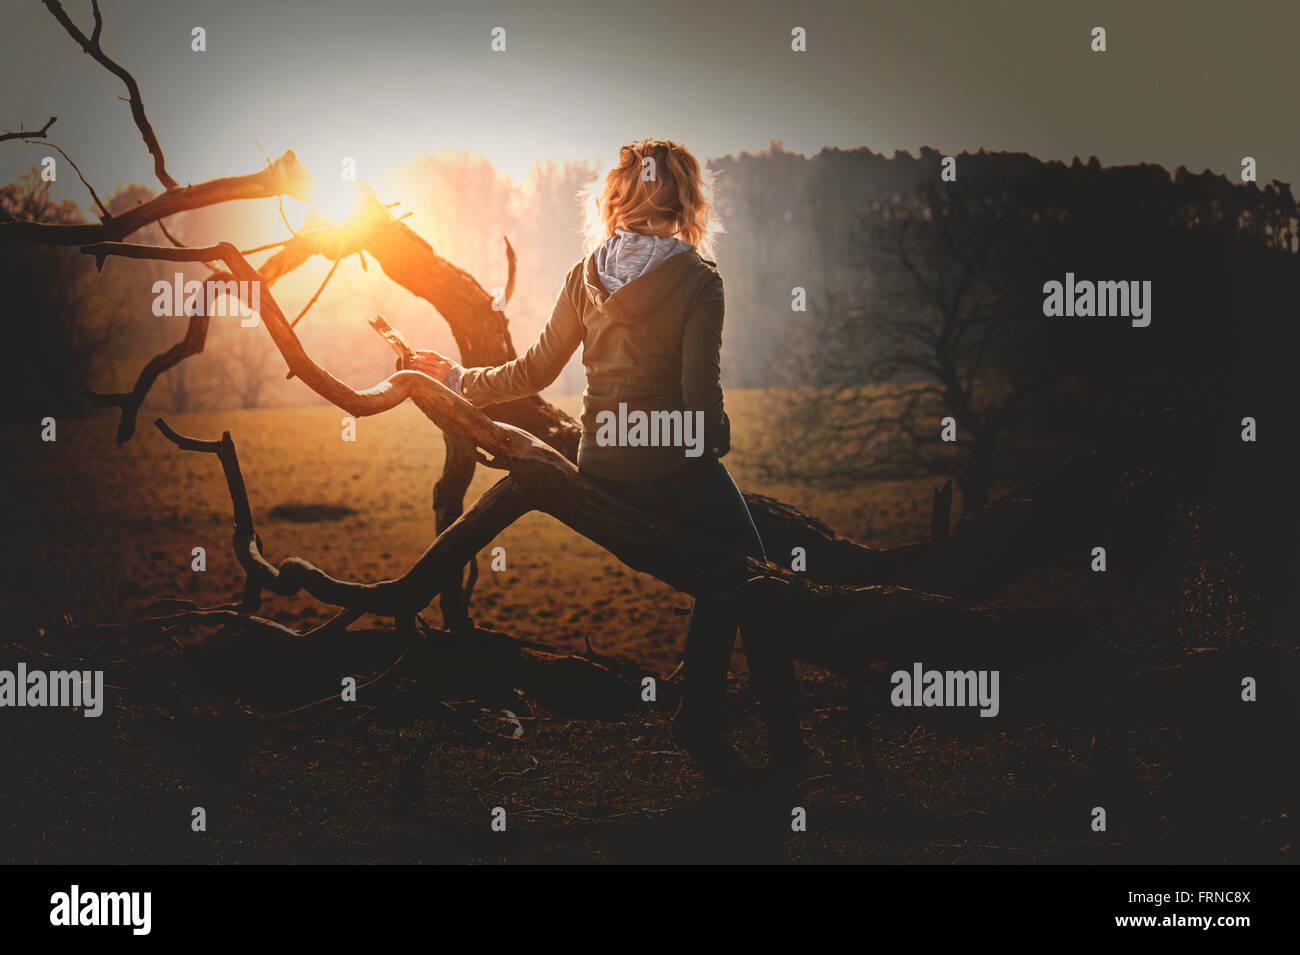 junge Frau, die Standortwahl auf einen umgestürzten Baum im Sonnenuntergang-park Stockbild